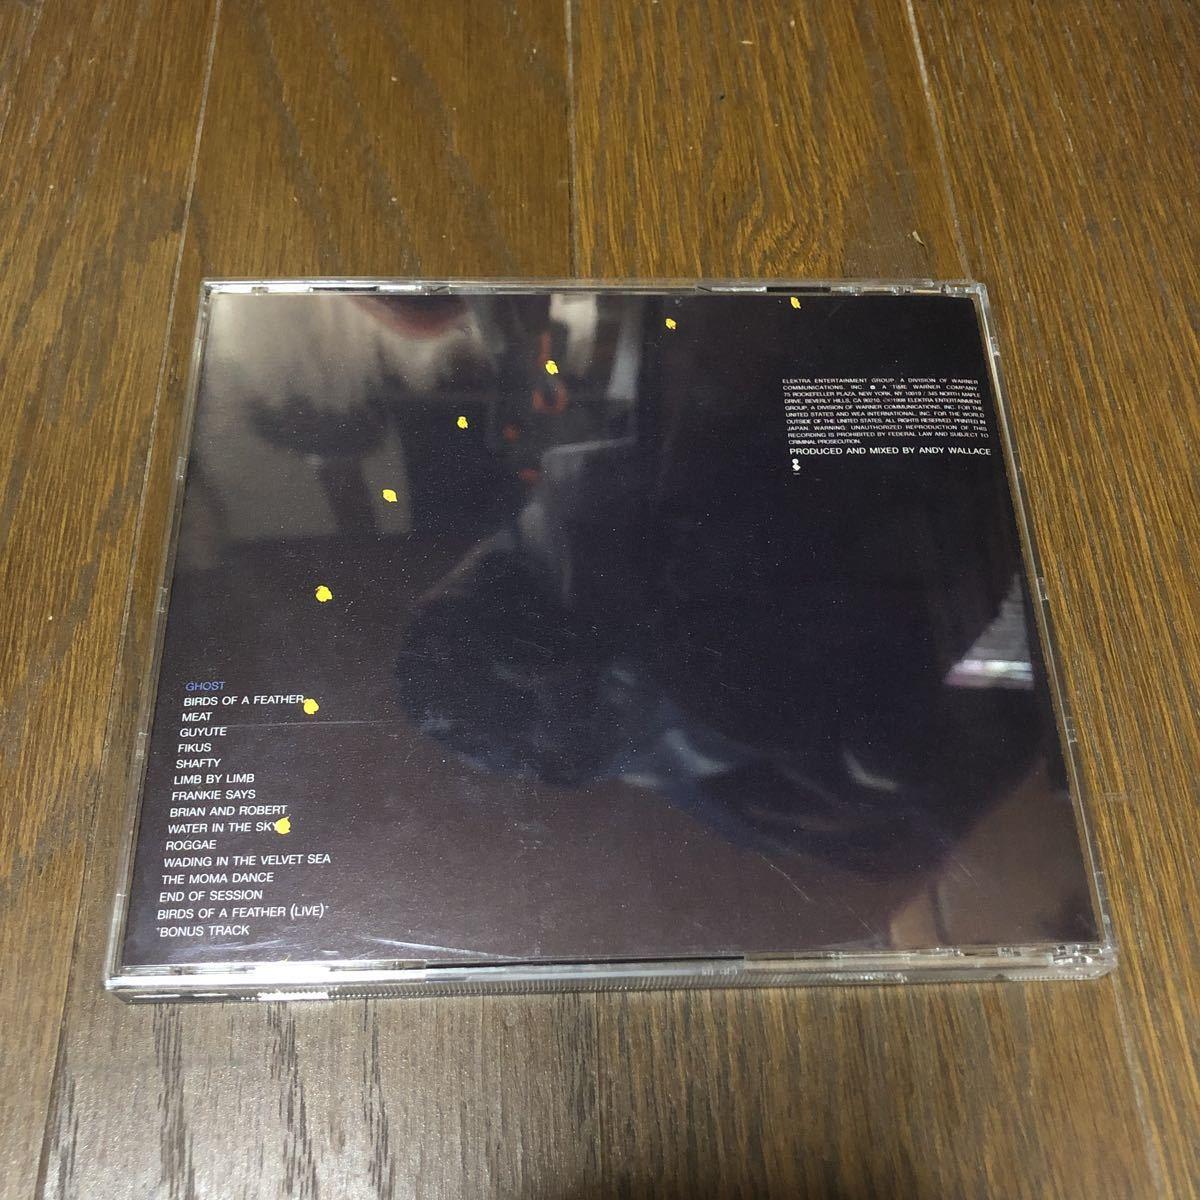 フィッシュ ザ・ストリート・オブ・ザ・ゴースト 国内盤CD